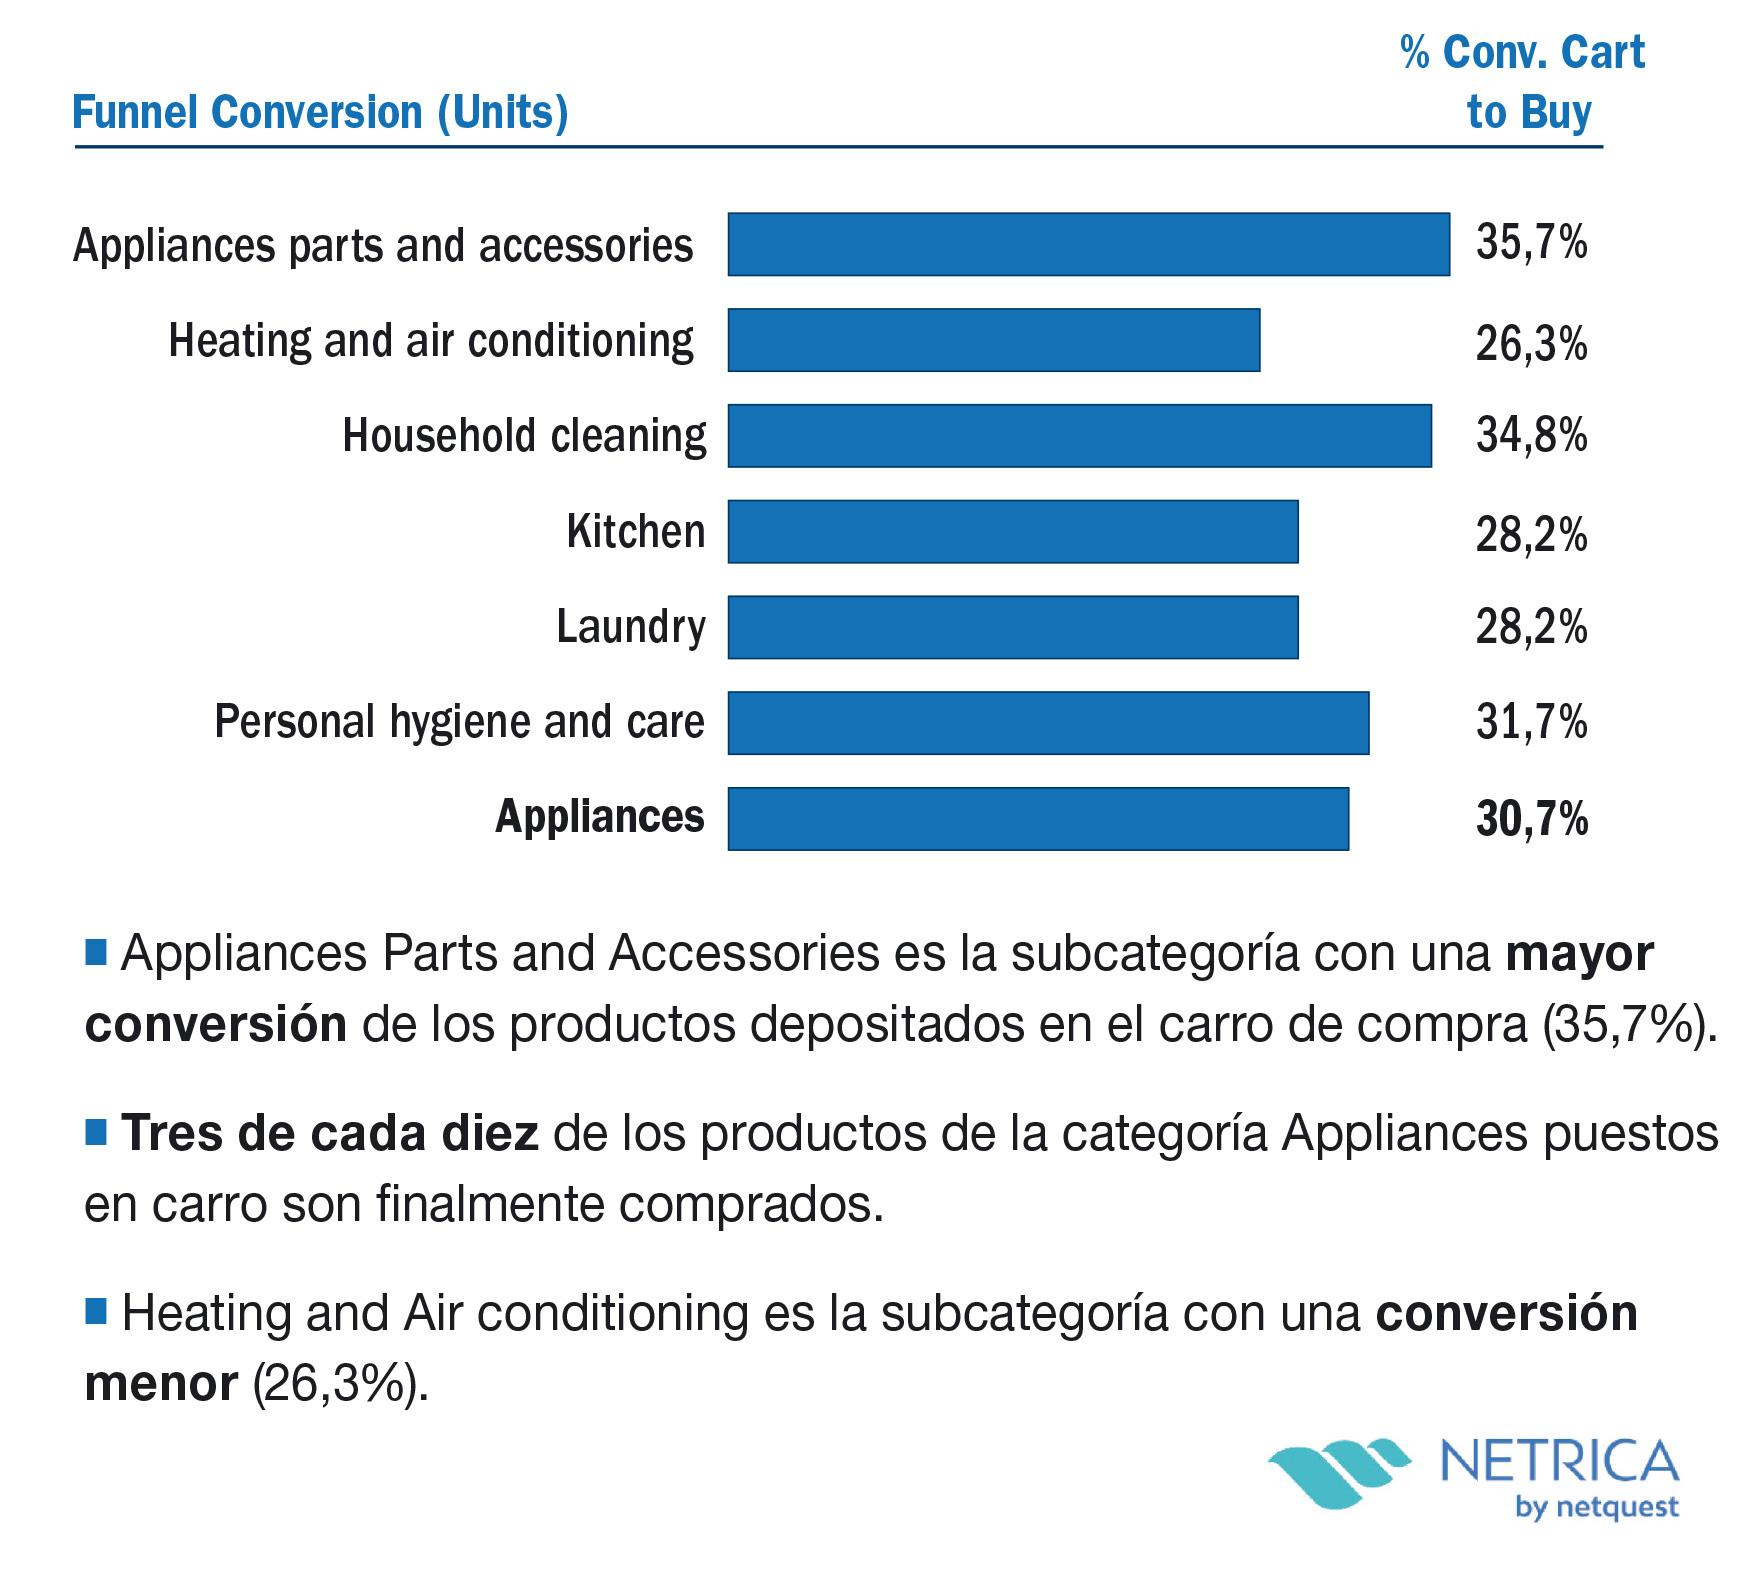 Conversión (%) Cart to Buy por subcategoría (en unidades)